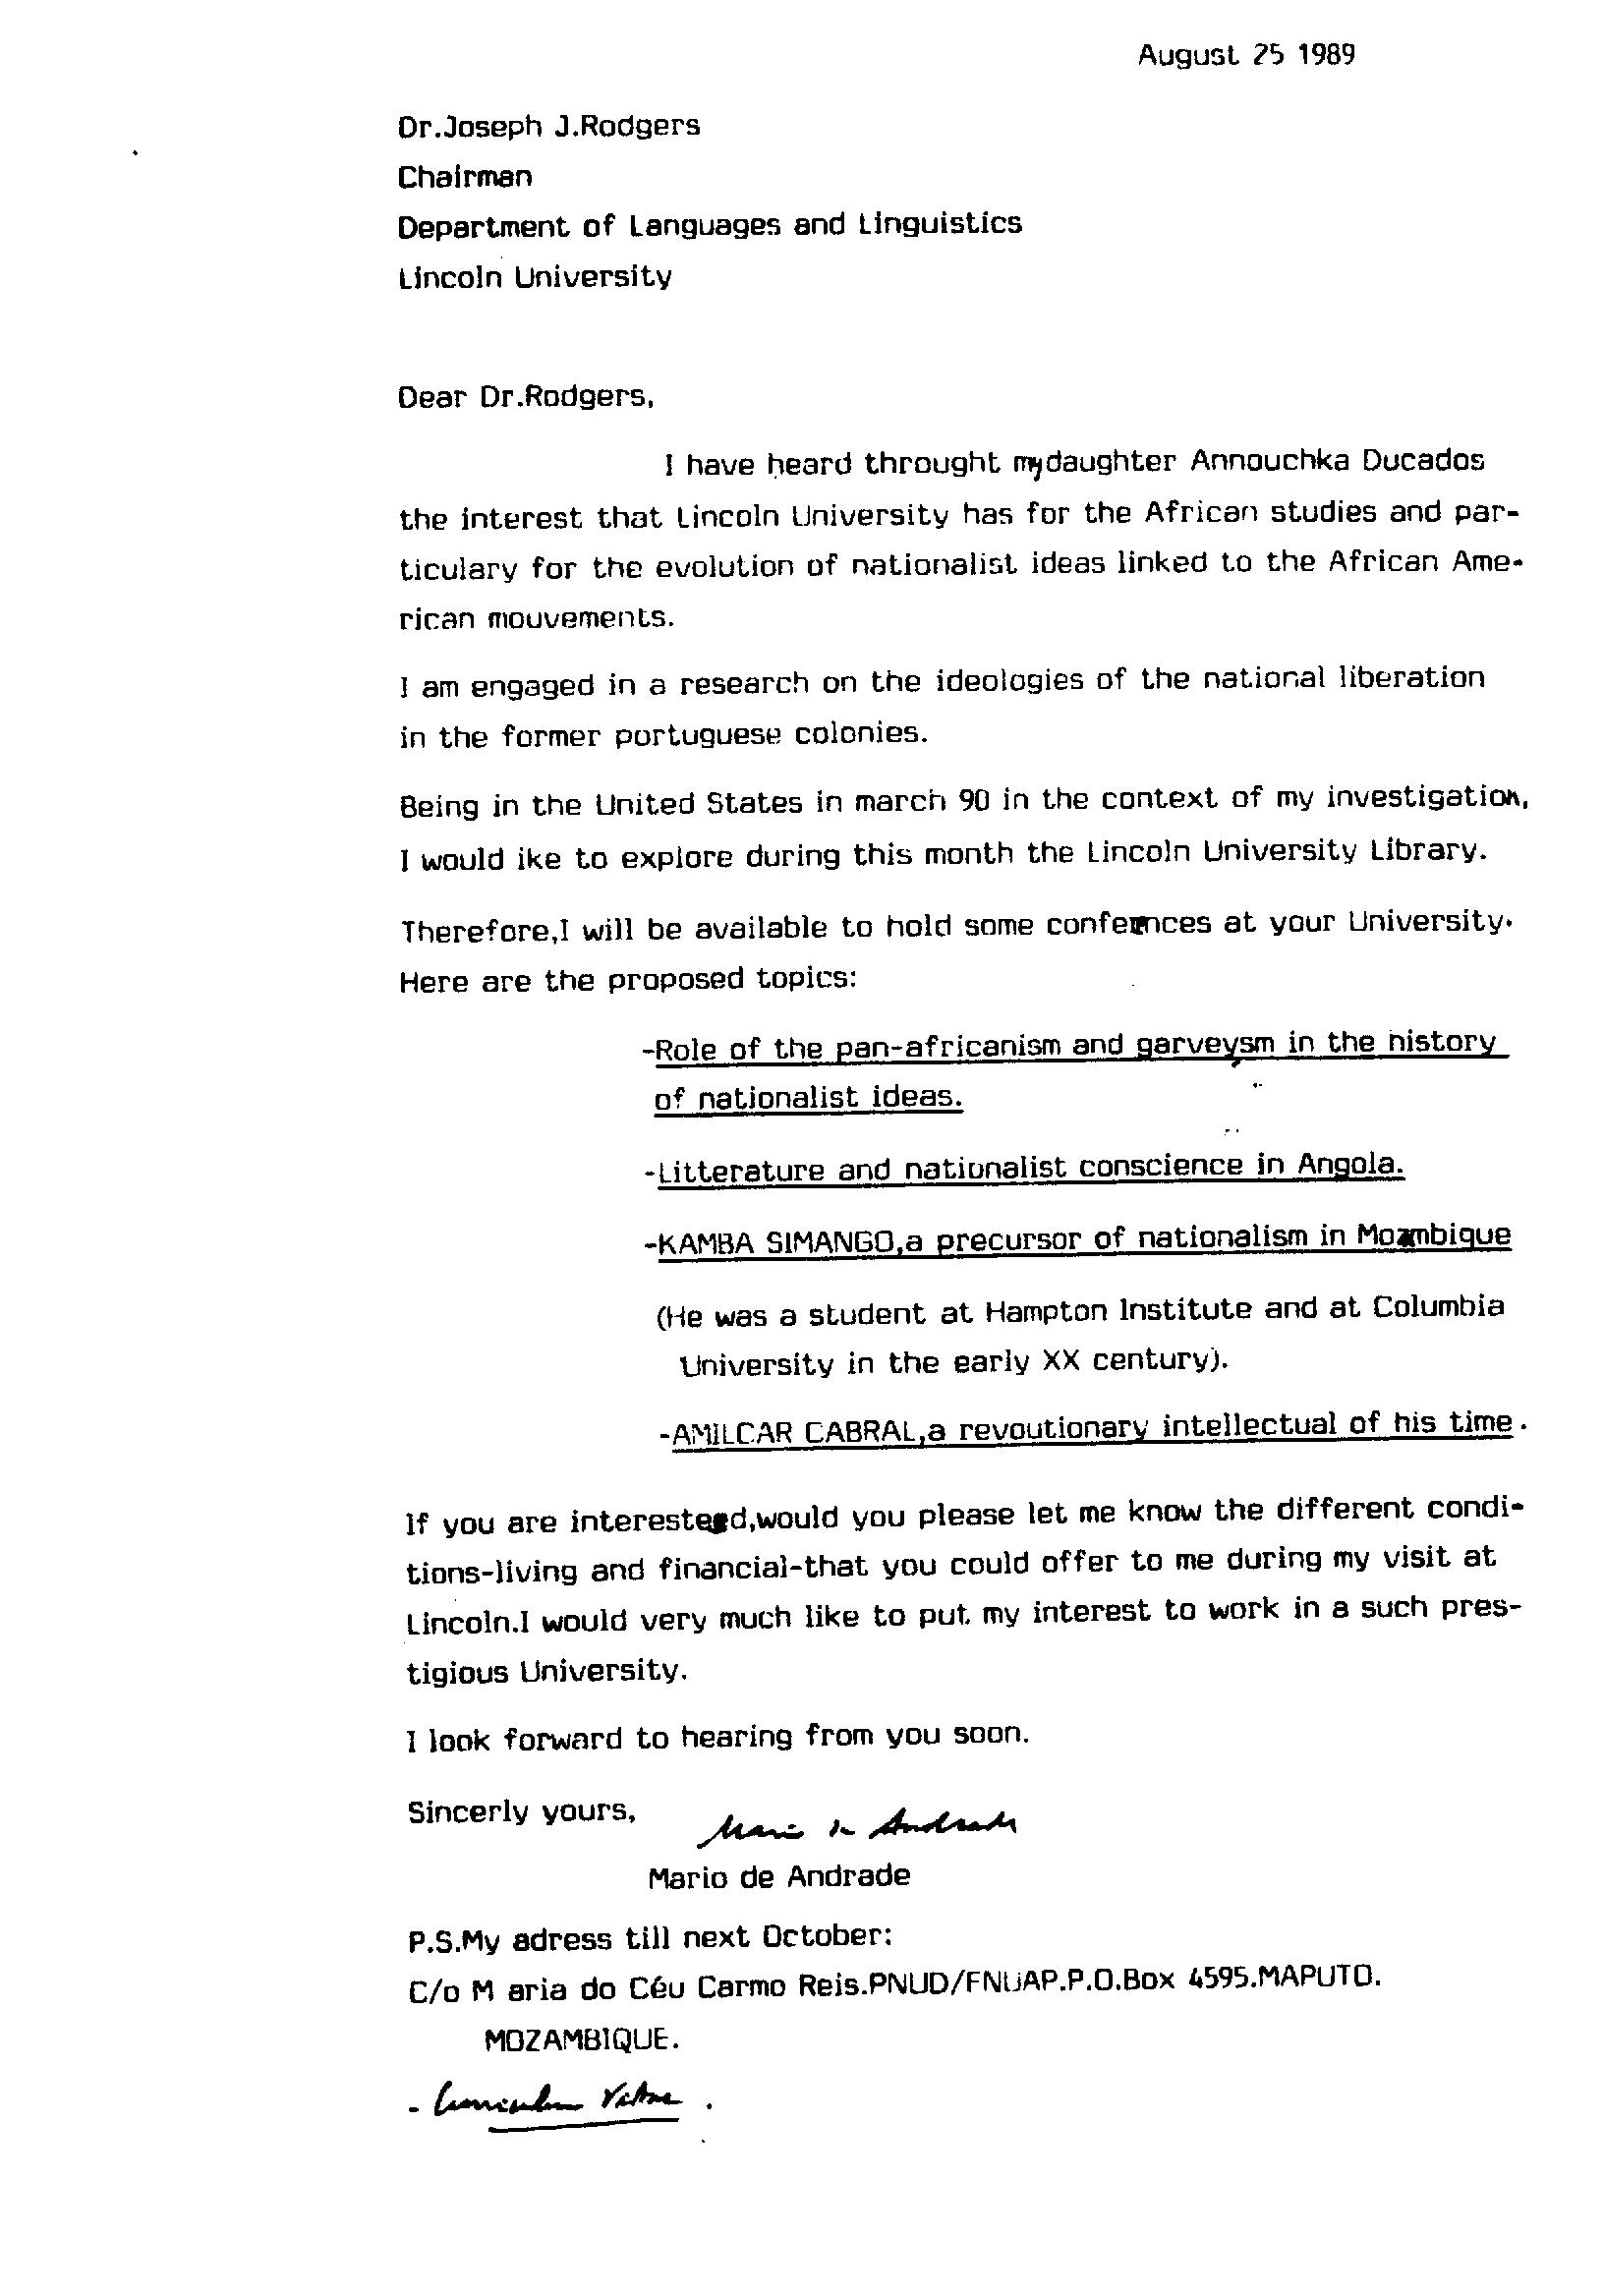 04326.008.002- pag.1